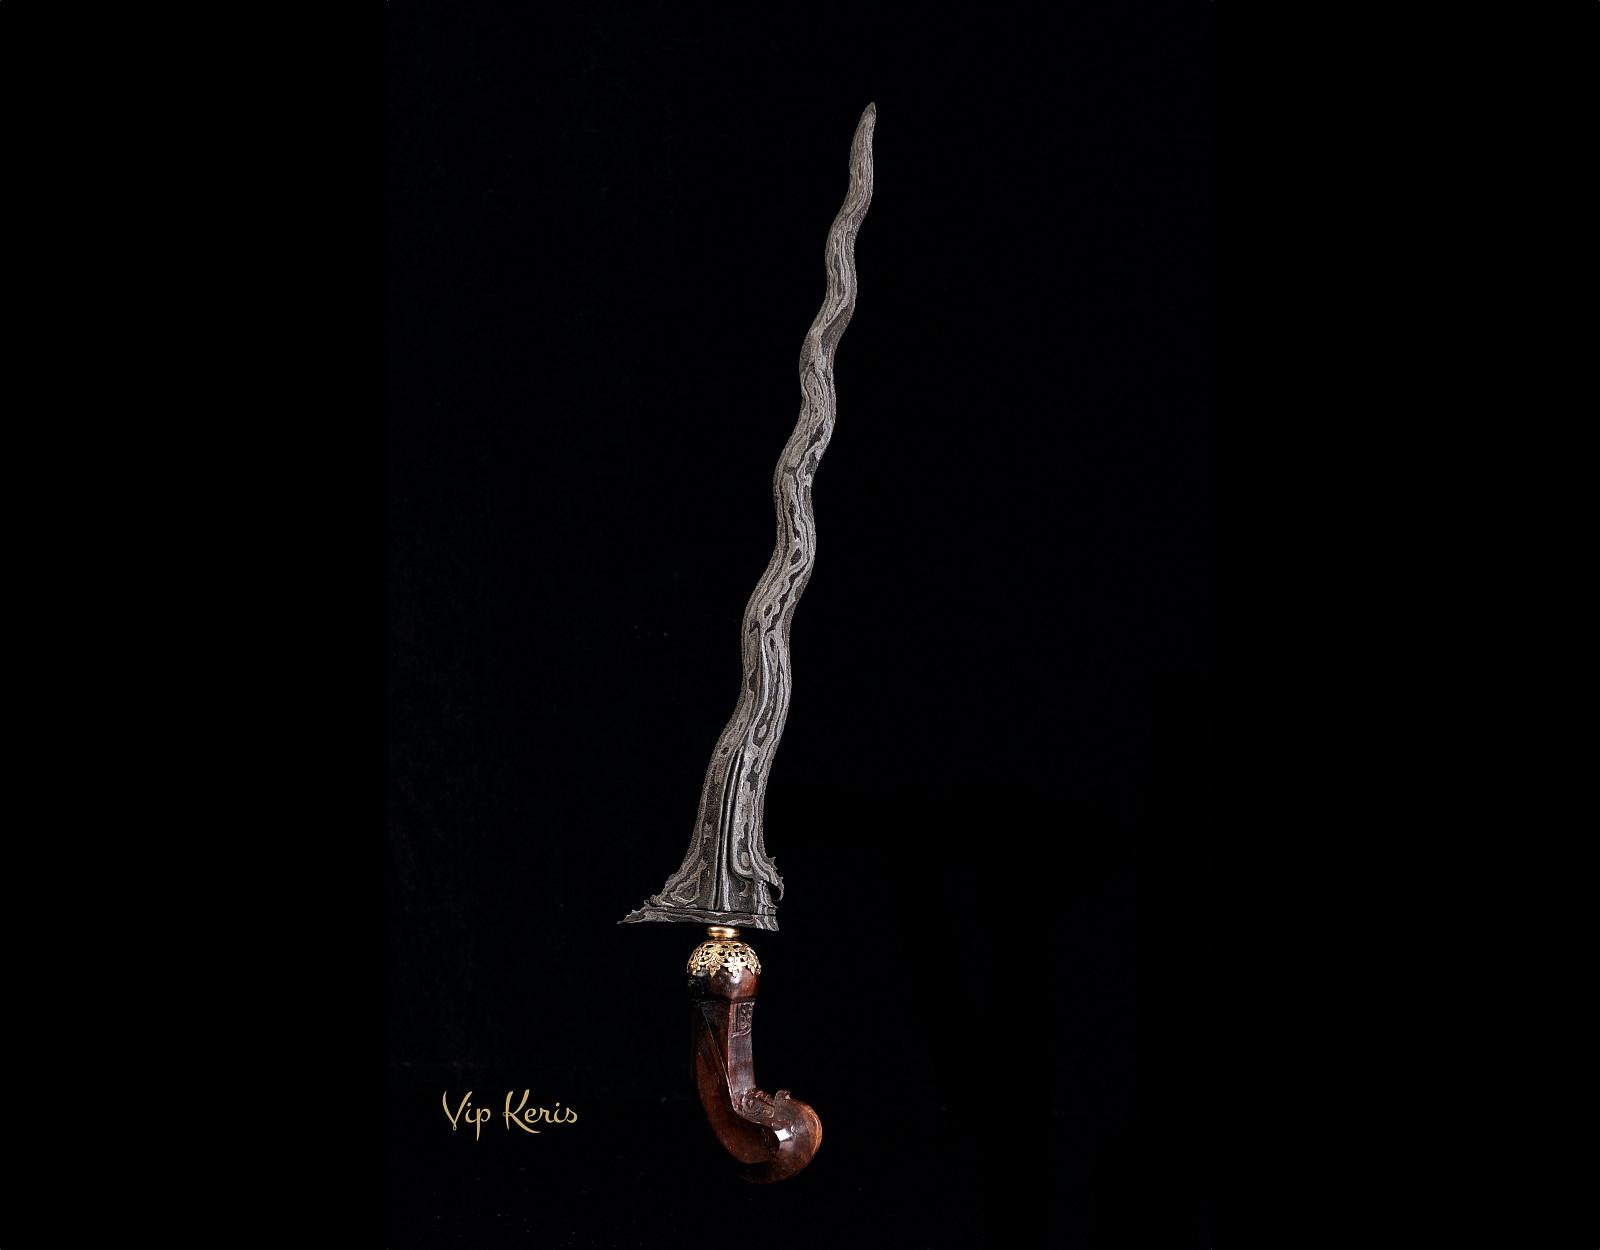 Пламевидный кинжал Крис Sabuk inten Luk 11 фото VipKeris